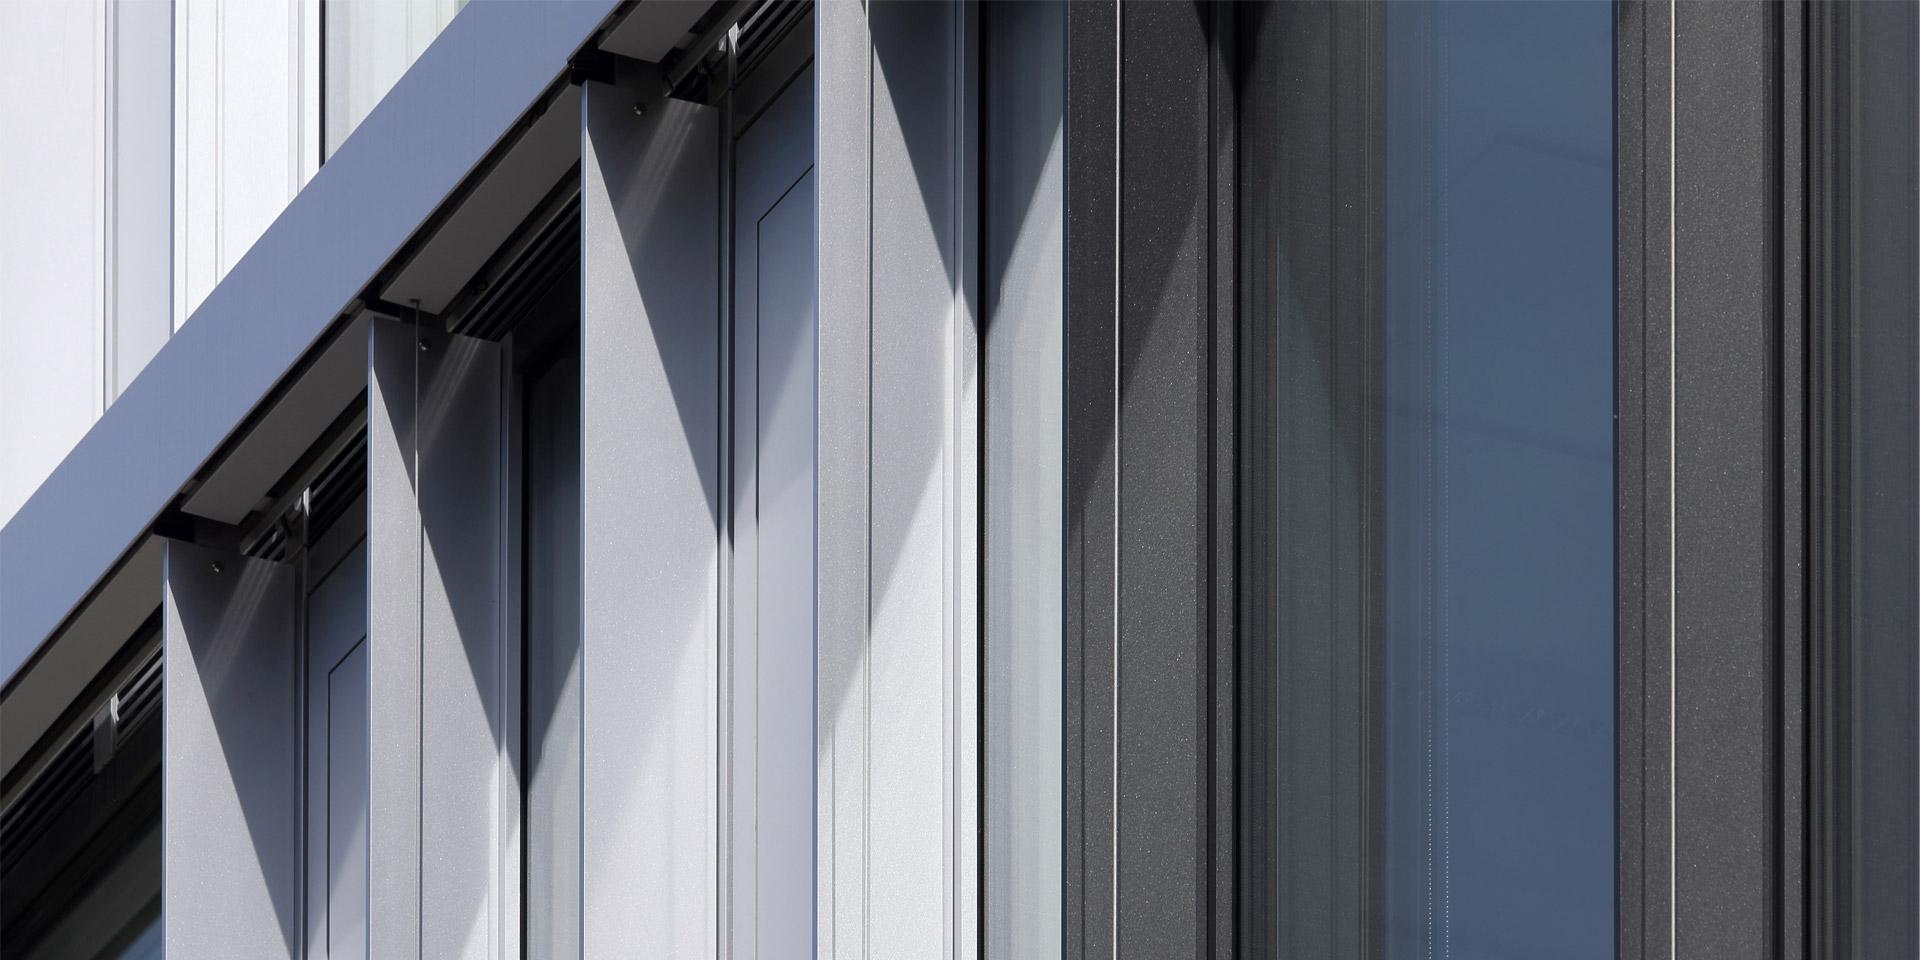 Lackierte Fassadenprofile am Bürohaus Arabeska in München